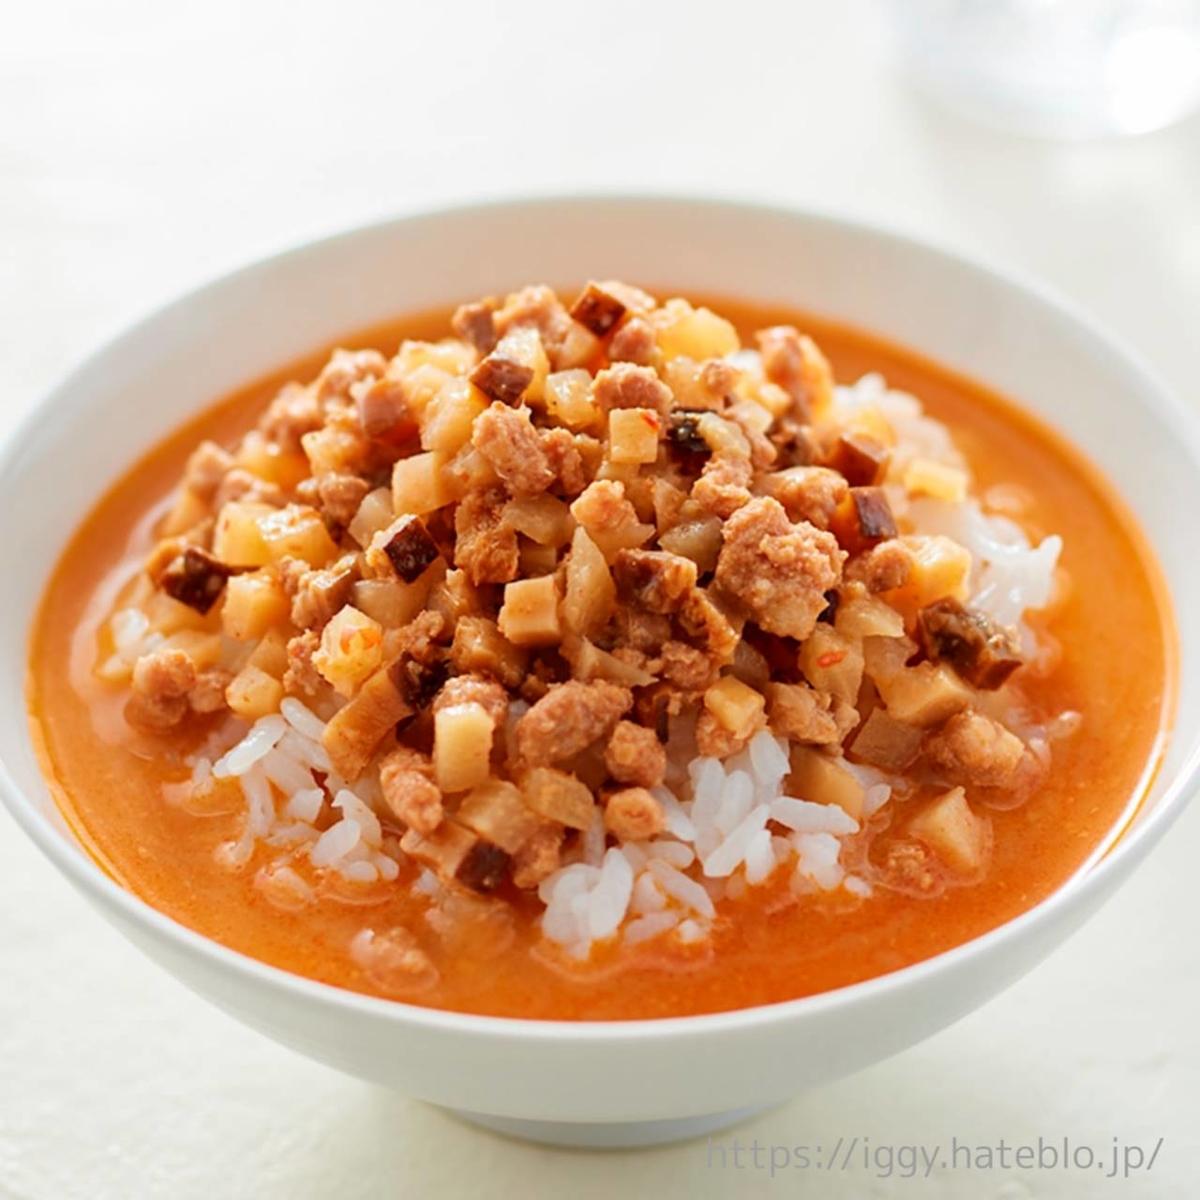 無印良品「冷やし胡麻味噌担々スープ」食べ方 口コミ レビュー